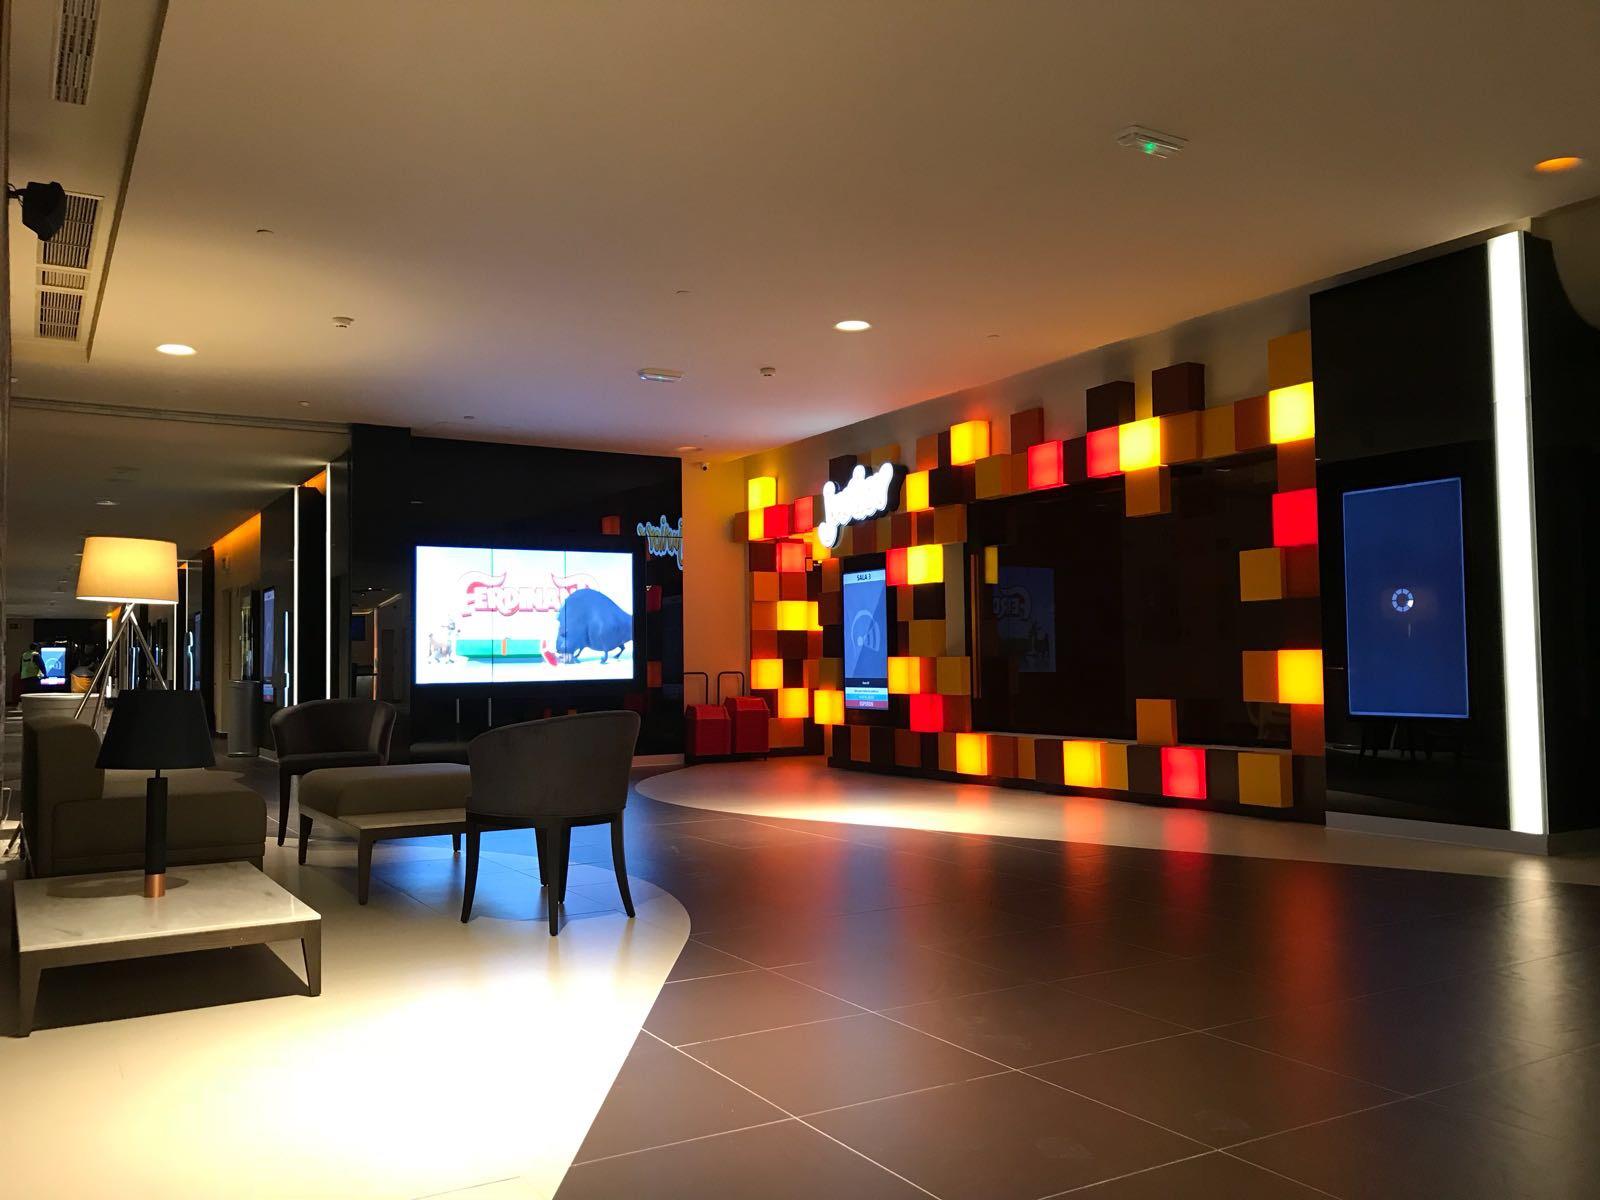 Opincan - Salas de cine Yelmo en el Centro Comercial Alisios 10